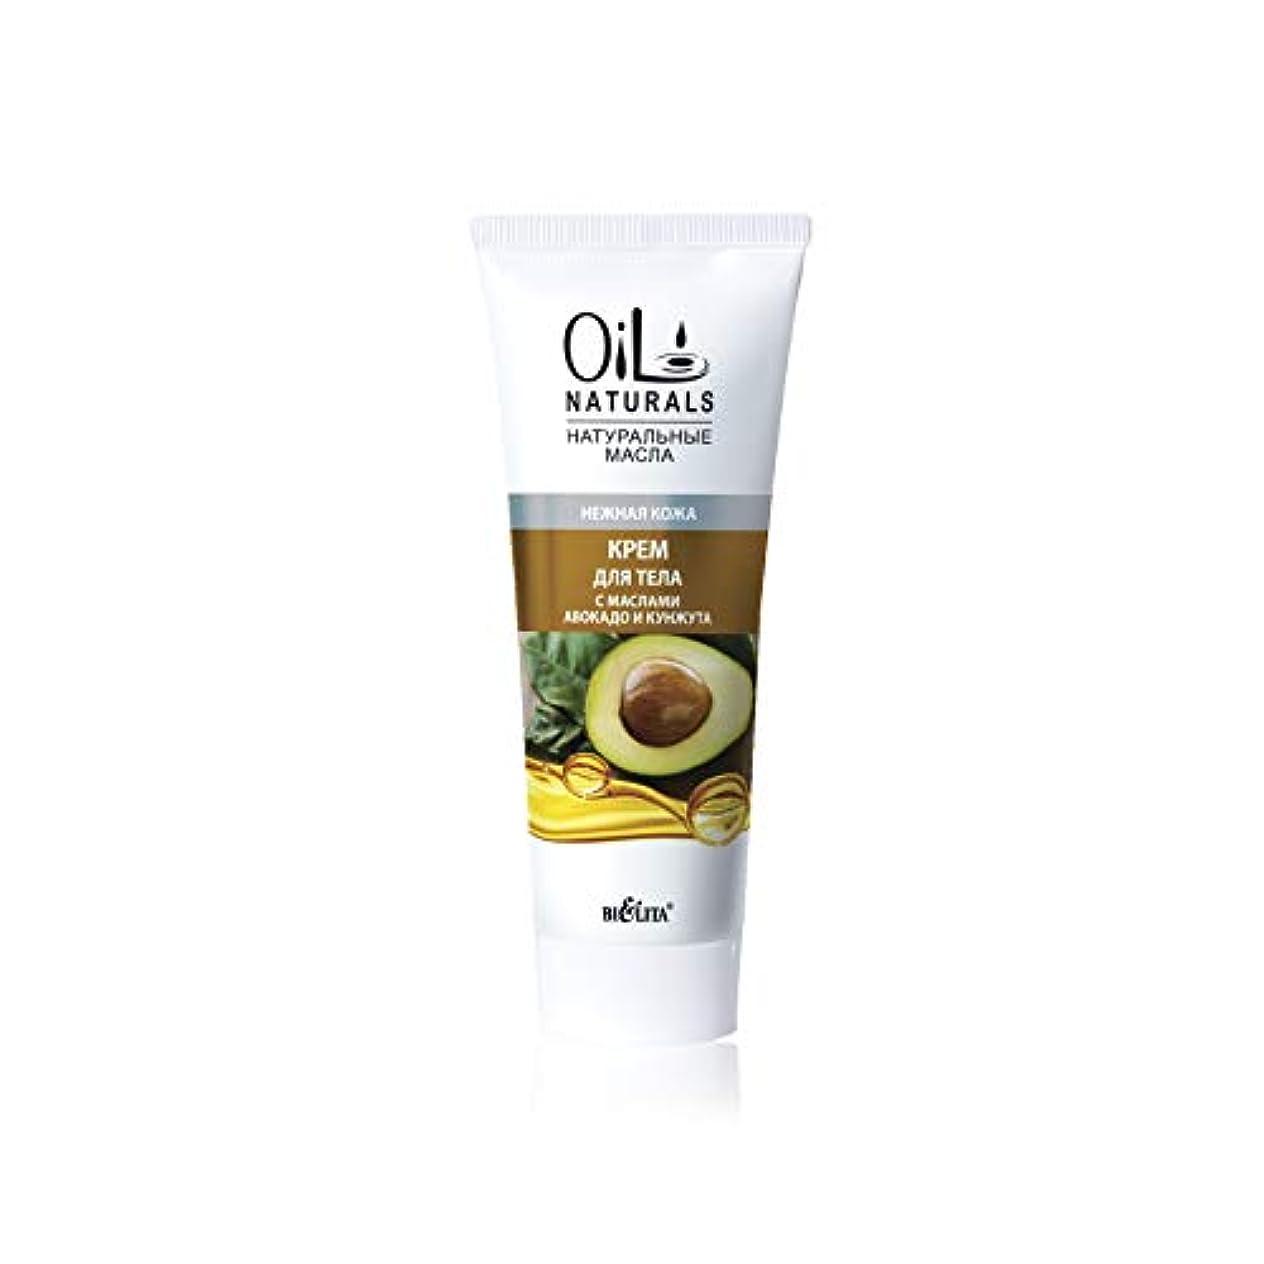 銀河縞模様のアートBielita & Vitex | Oil Naturals Line | Moisturizing Body Cream for Delicate Skin, 200 ml | Avocado Oil, Silk Proteins...